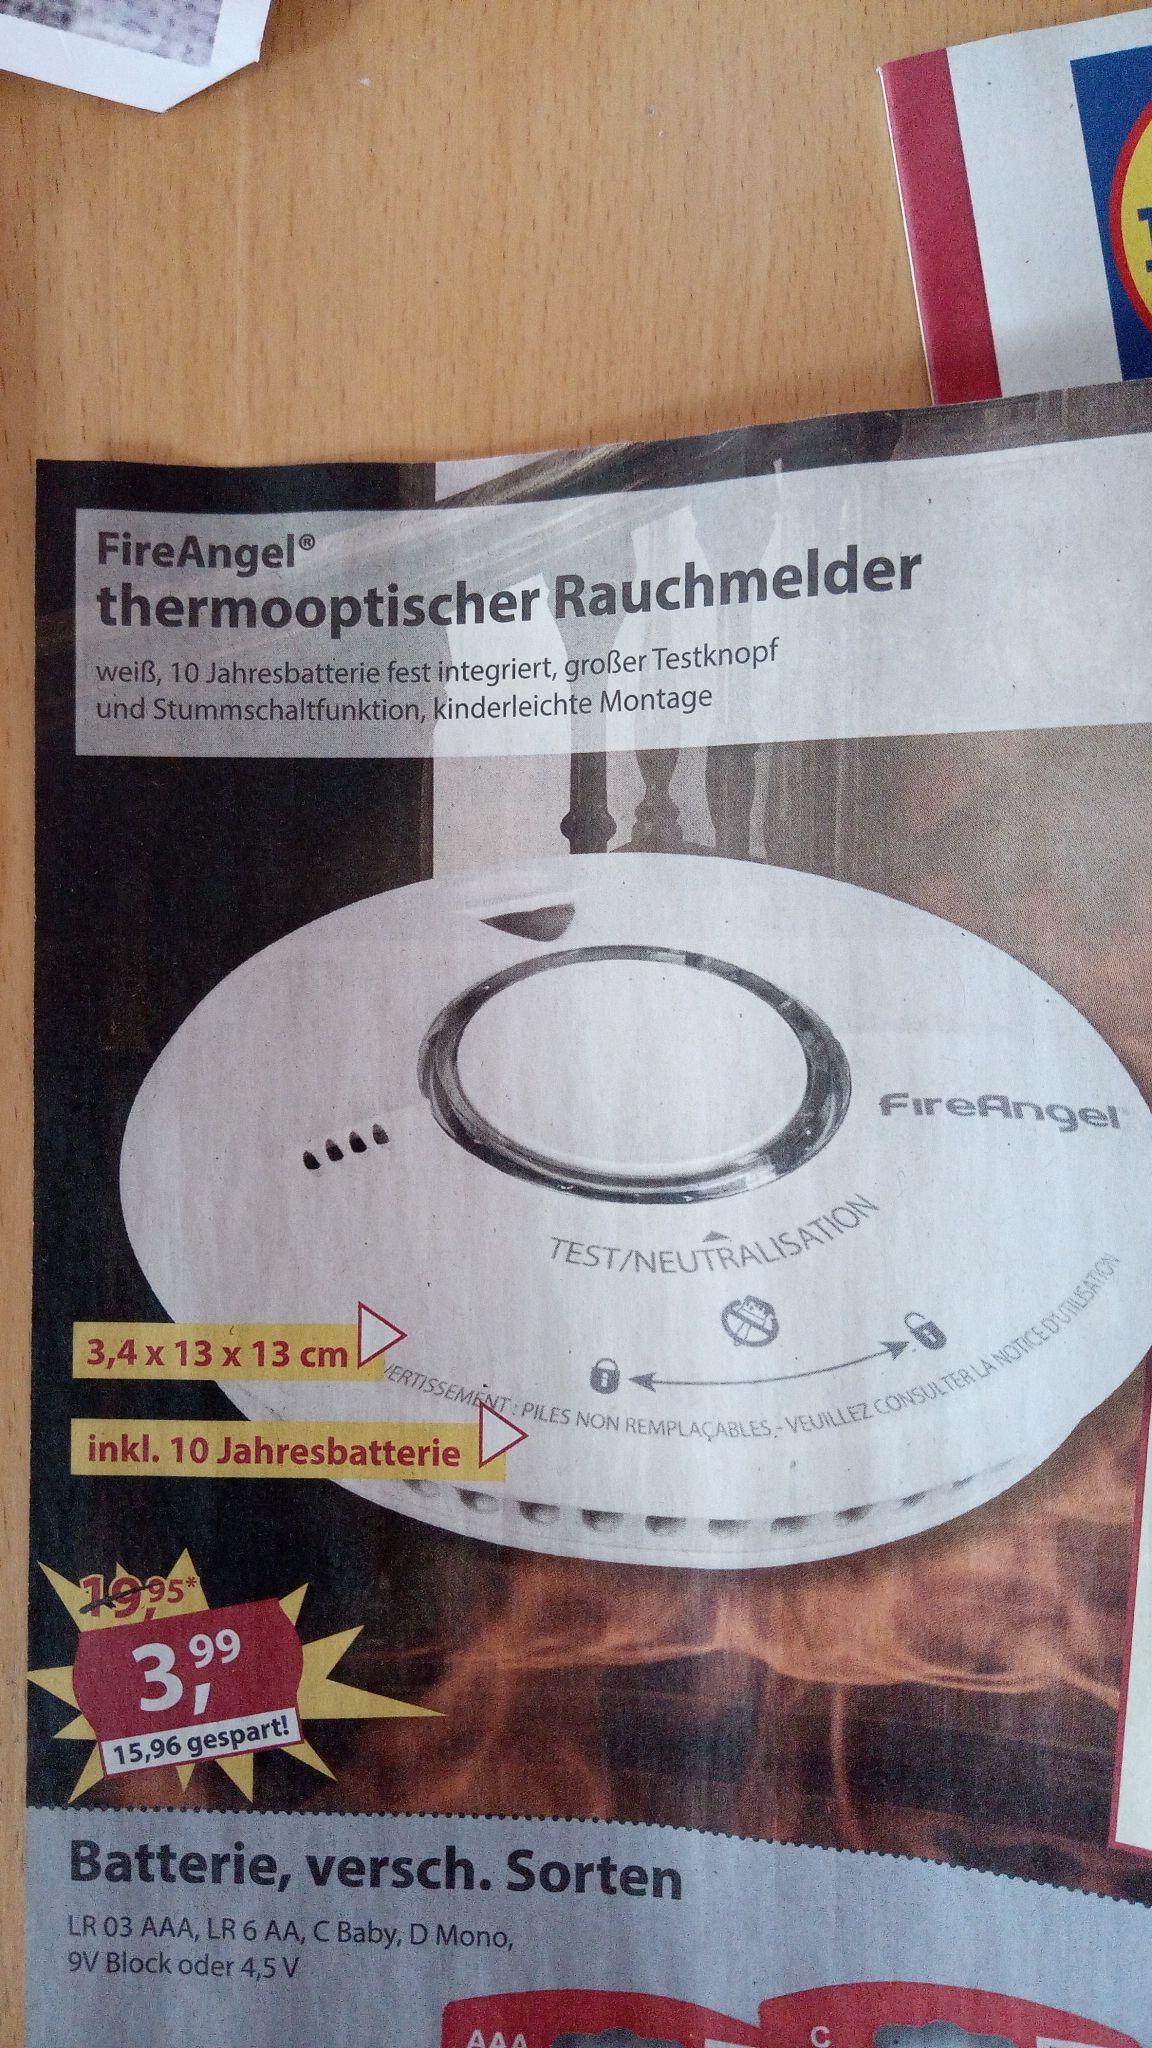 FireAngel Thermooptischer Rauchmelder